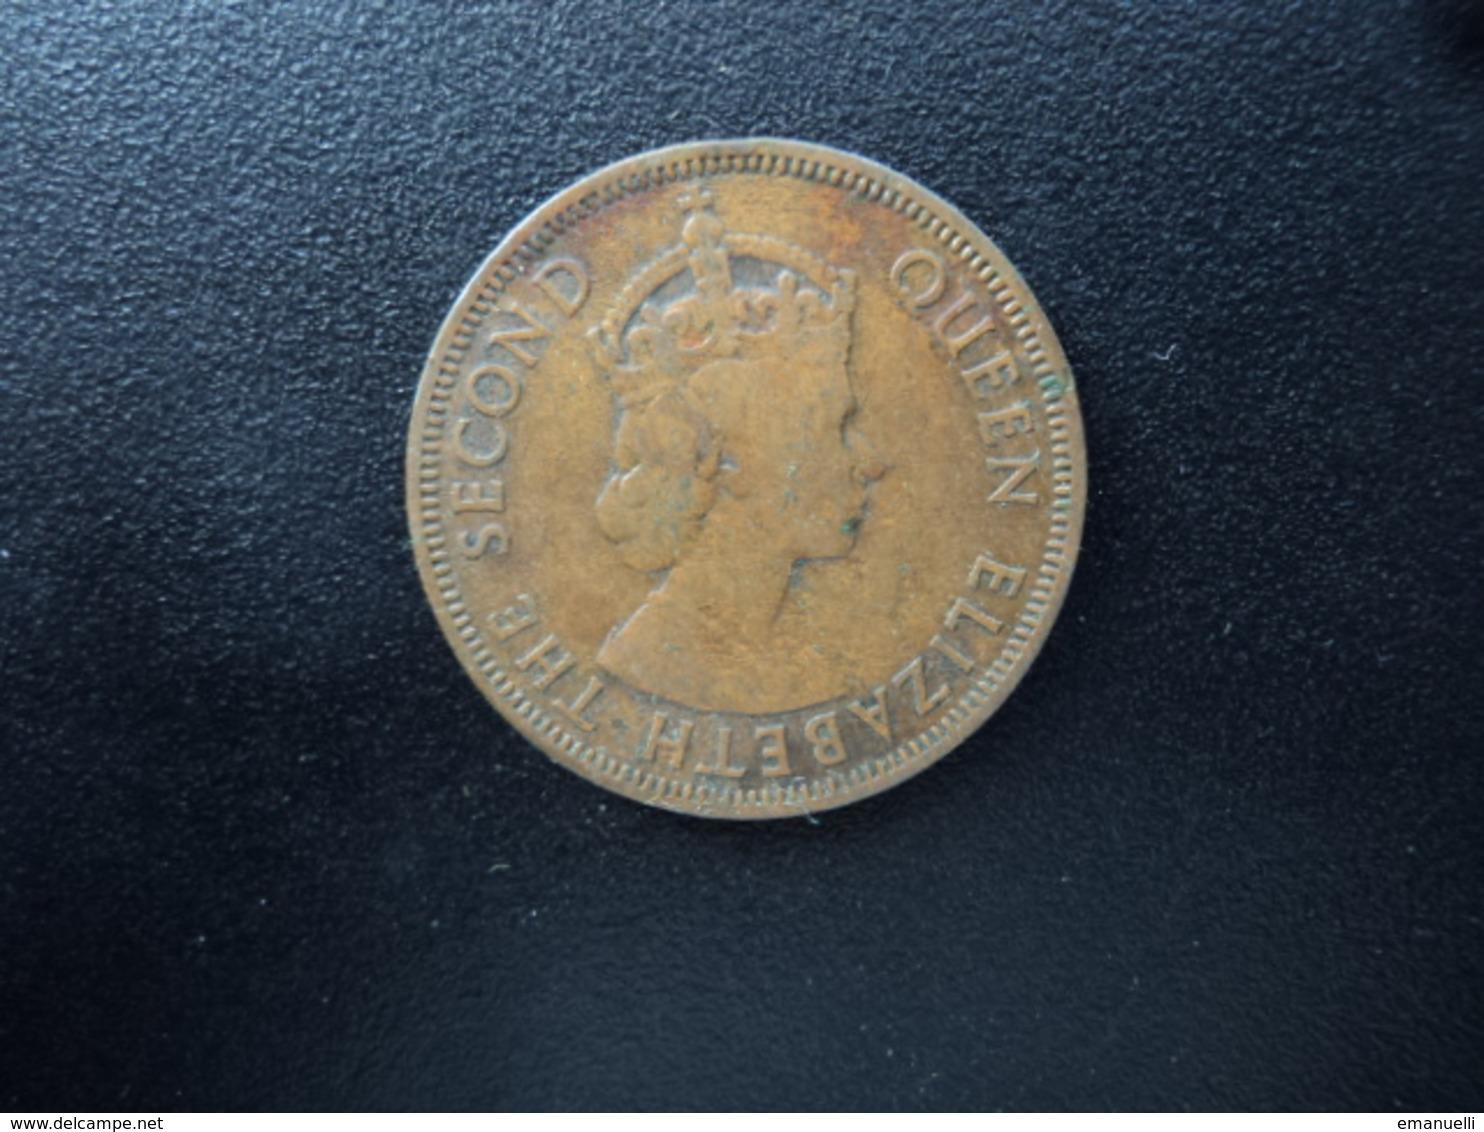 CARAÏBES ORIENTALES : 1 CENT   1957   KM 2    TTB - Caraïbes Orientales (Etats Des)